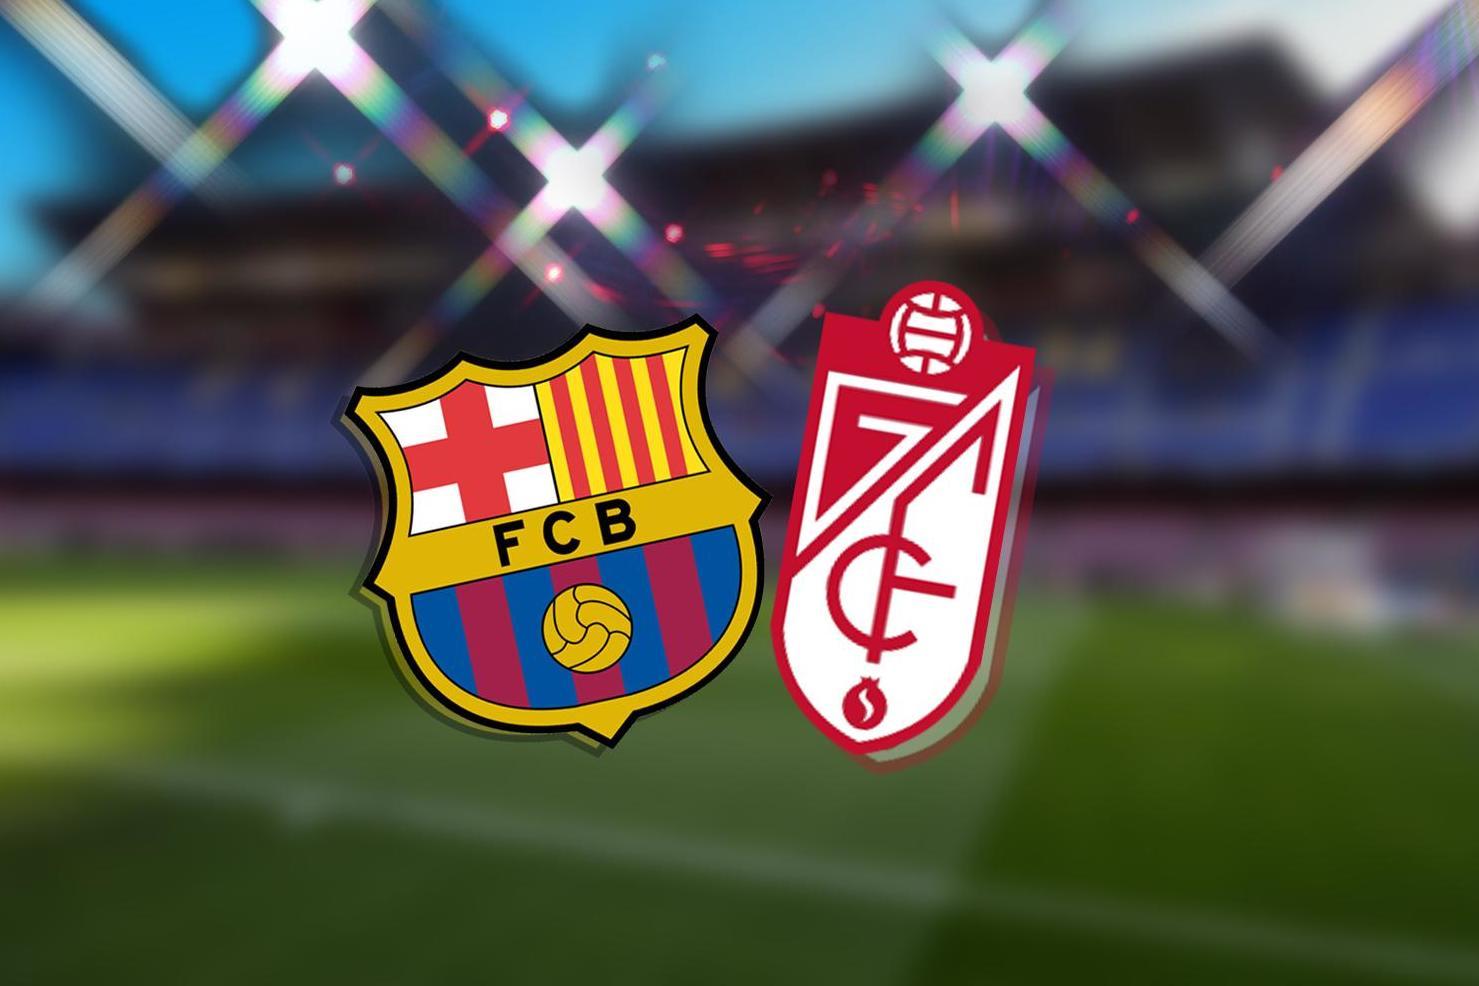 دليلك الشامل لمباراة برشلونة اليوم ضد غرناطة في الدوري الإسباني